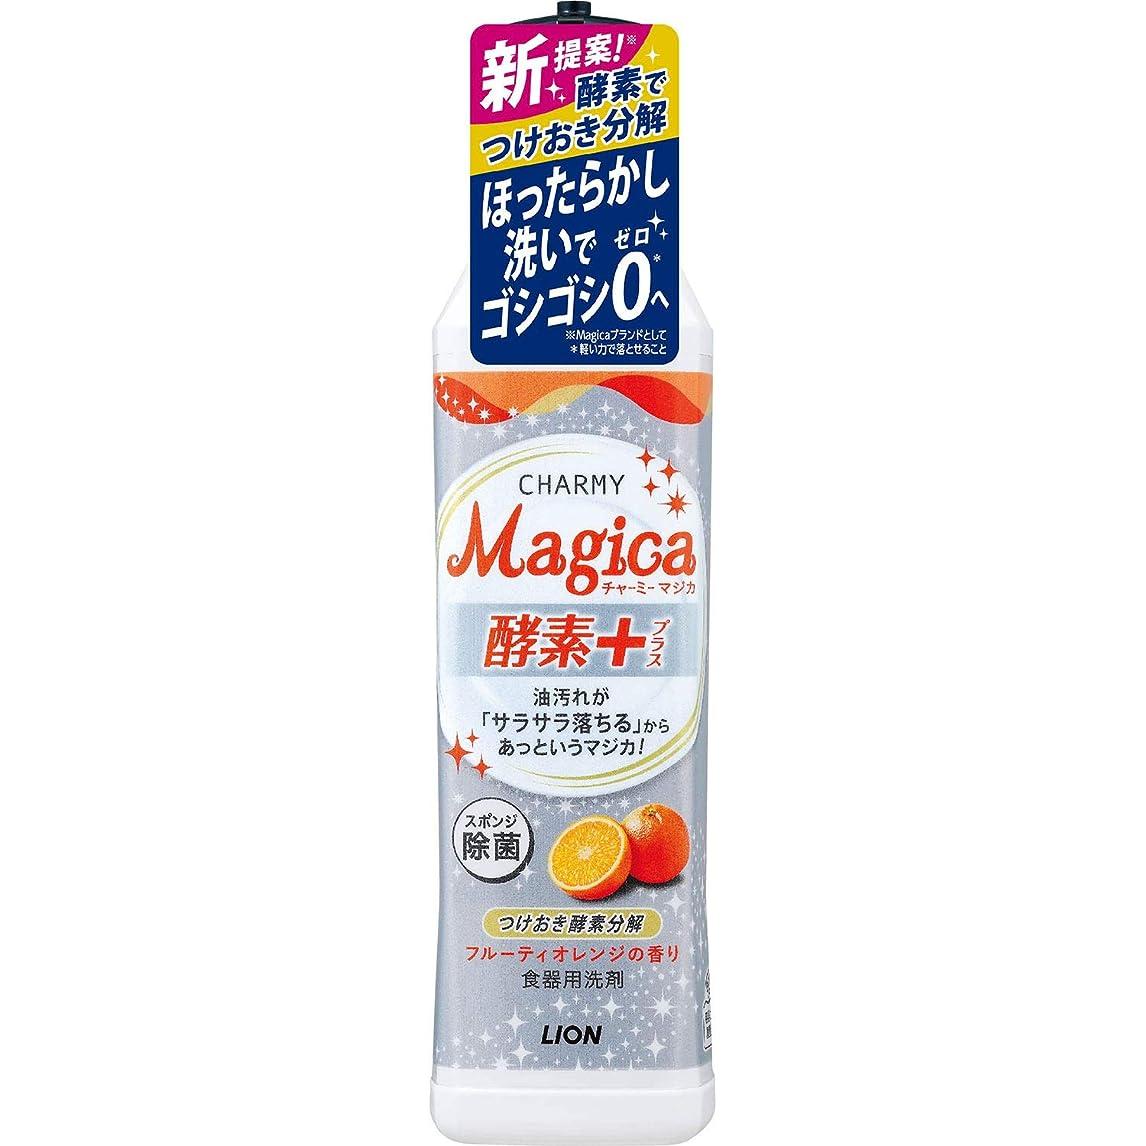 画像叱るマルコポーロチャーミーマジカ 食器用洗剤 酵素+ フルーティオレンジの香り 本体 220ml